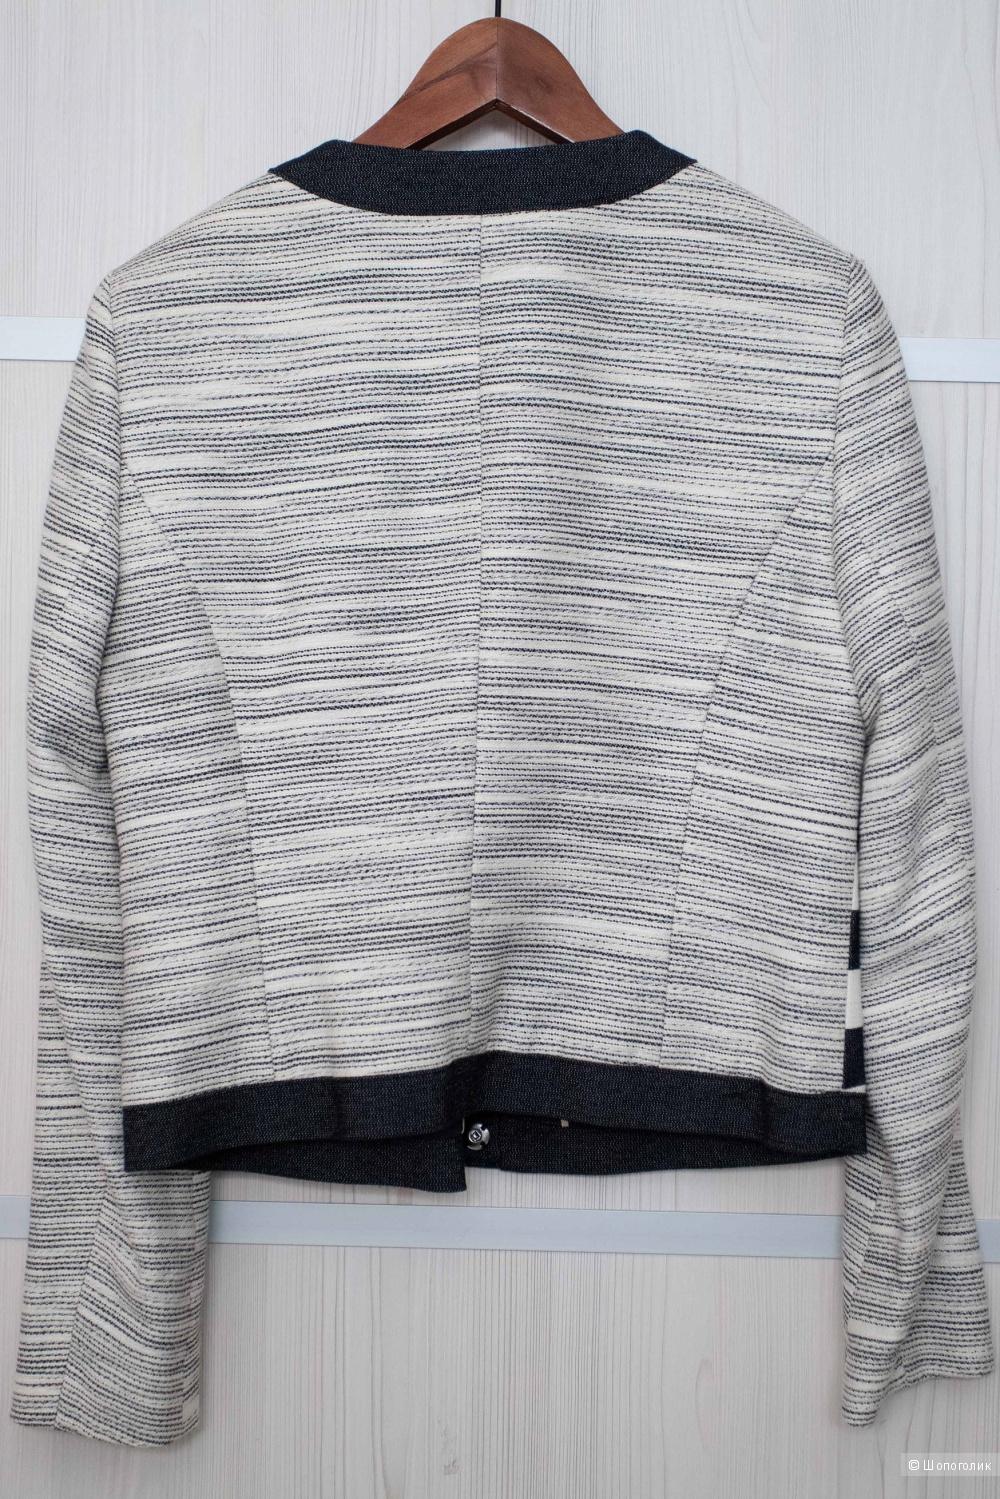 Пиджак Espirit, 48 размер